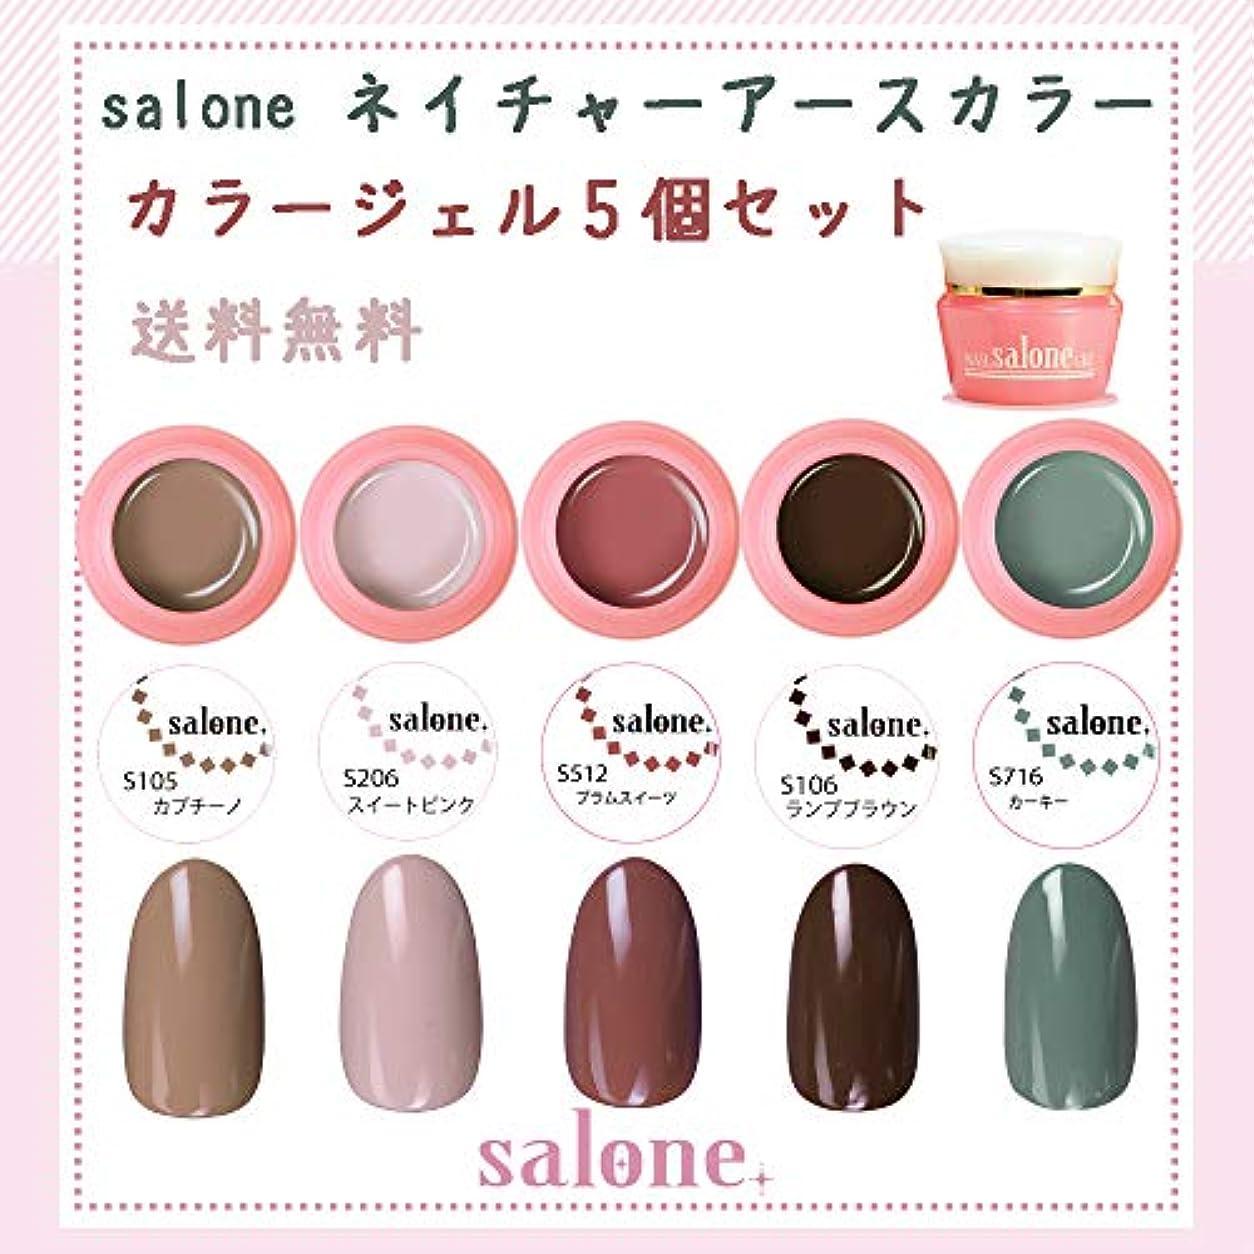 楽観的女性パントリー【送料無料 日本製】Salone ネイチャーアースカラー カラージェル5個セット ボタニカルでネイチャーなカラーをチョイスしました。